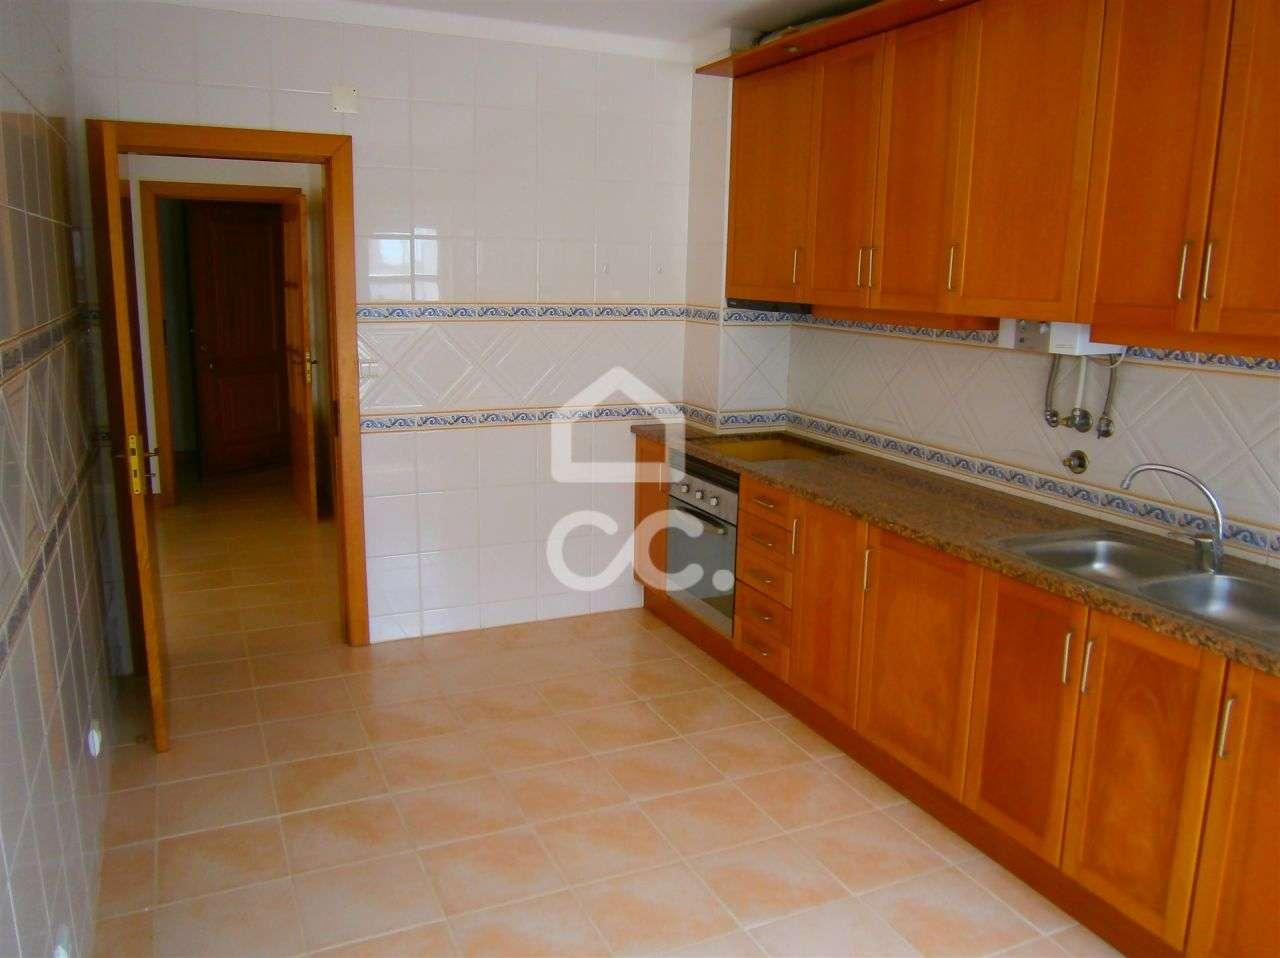 Apartamento para comprar, Ferrel, Leiria - Foto 3